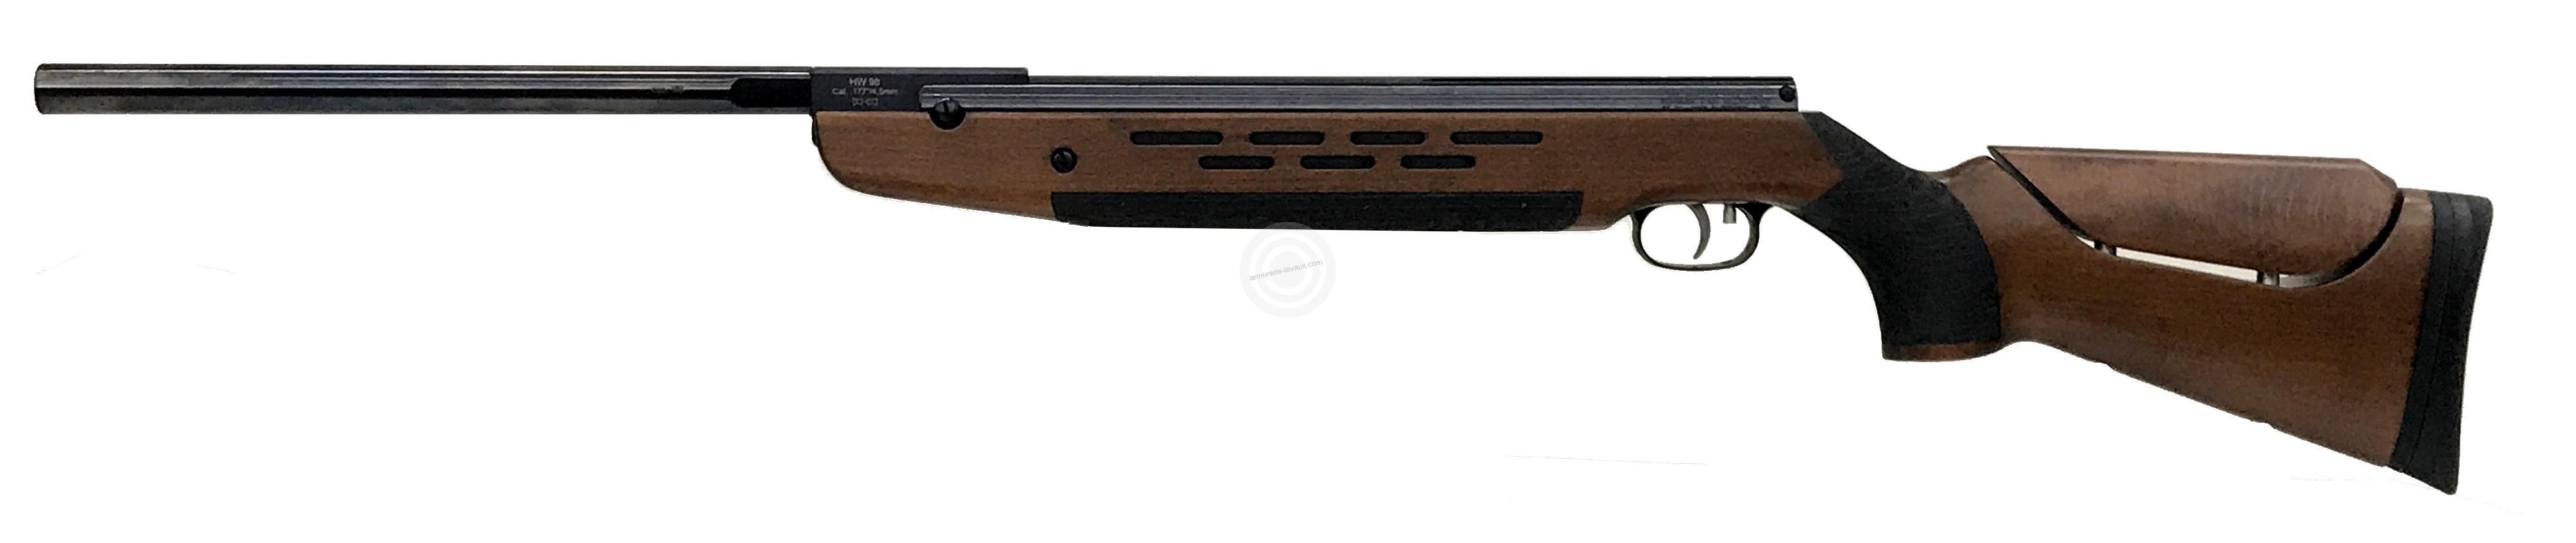 Carabine à air comprimé WEIHRAUCH HW 98